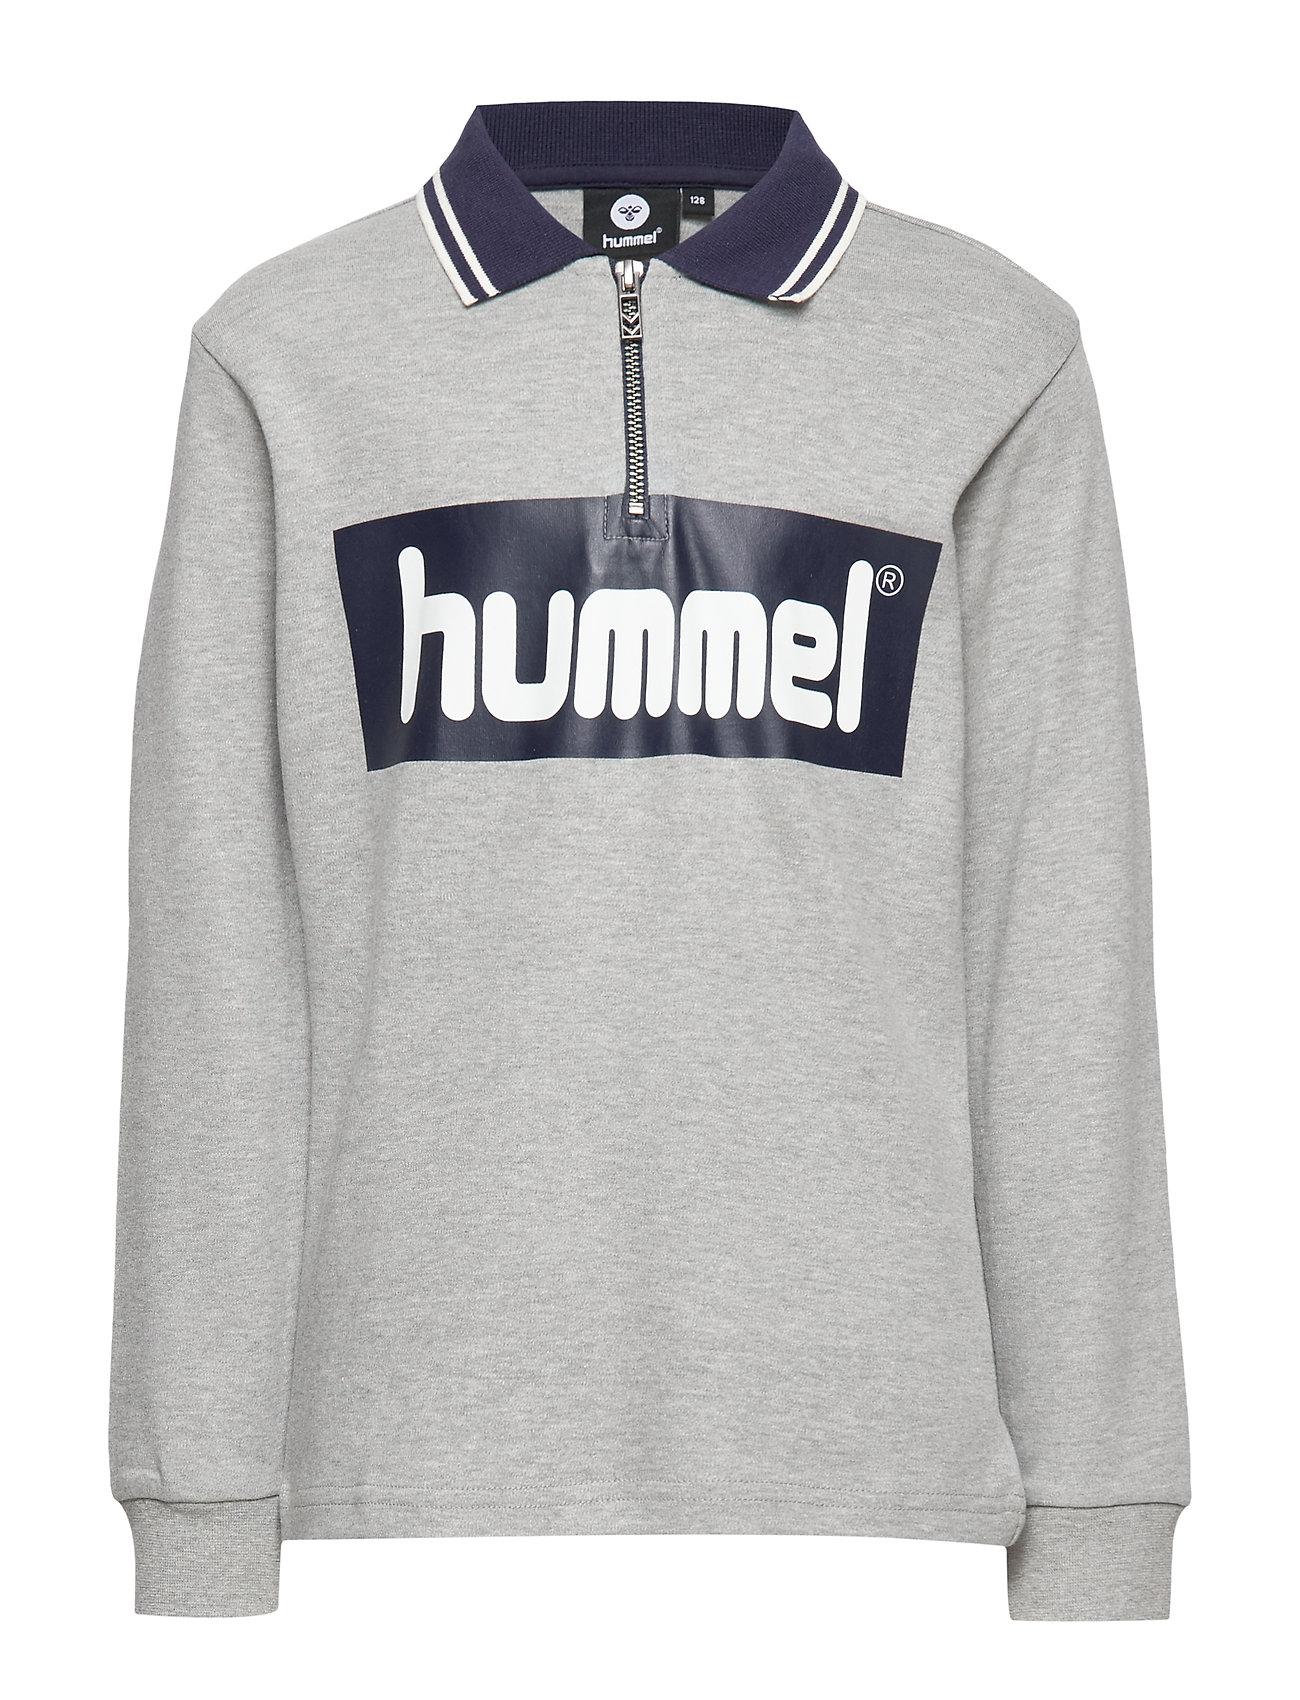 Hummel hmlKINGSLEY T-SHIRT L/S - GREY MELANGE